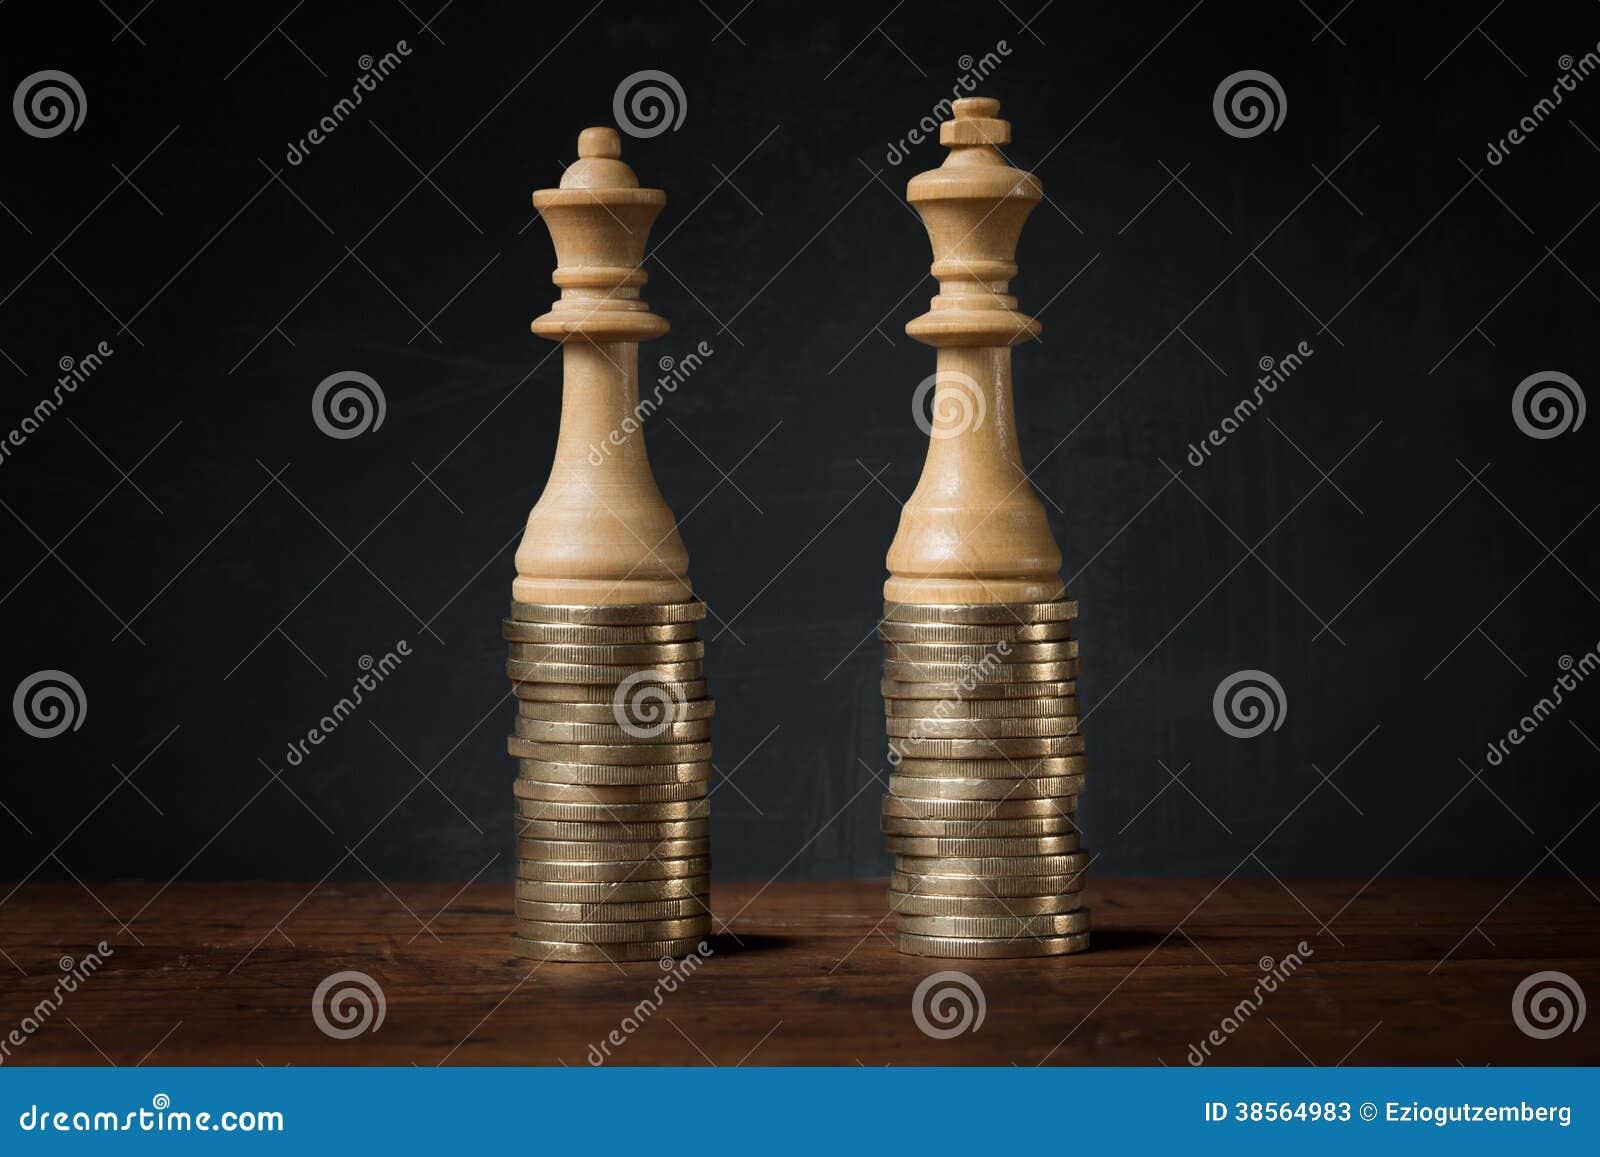 Inkomstskillnader mellan män och kvinnor